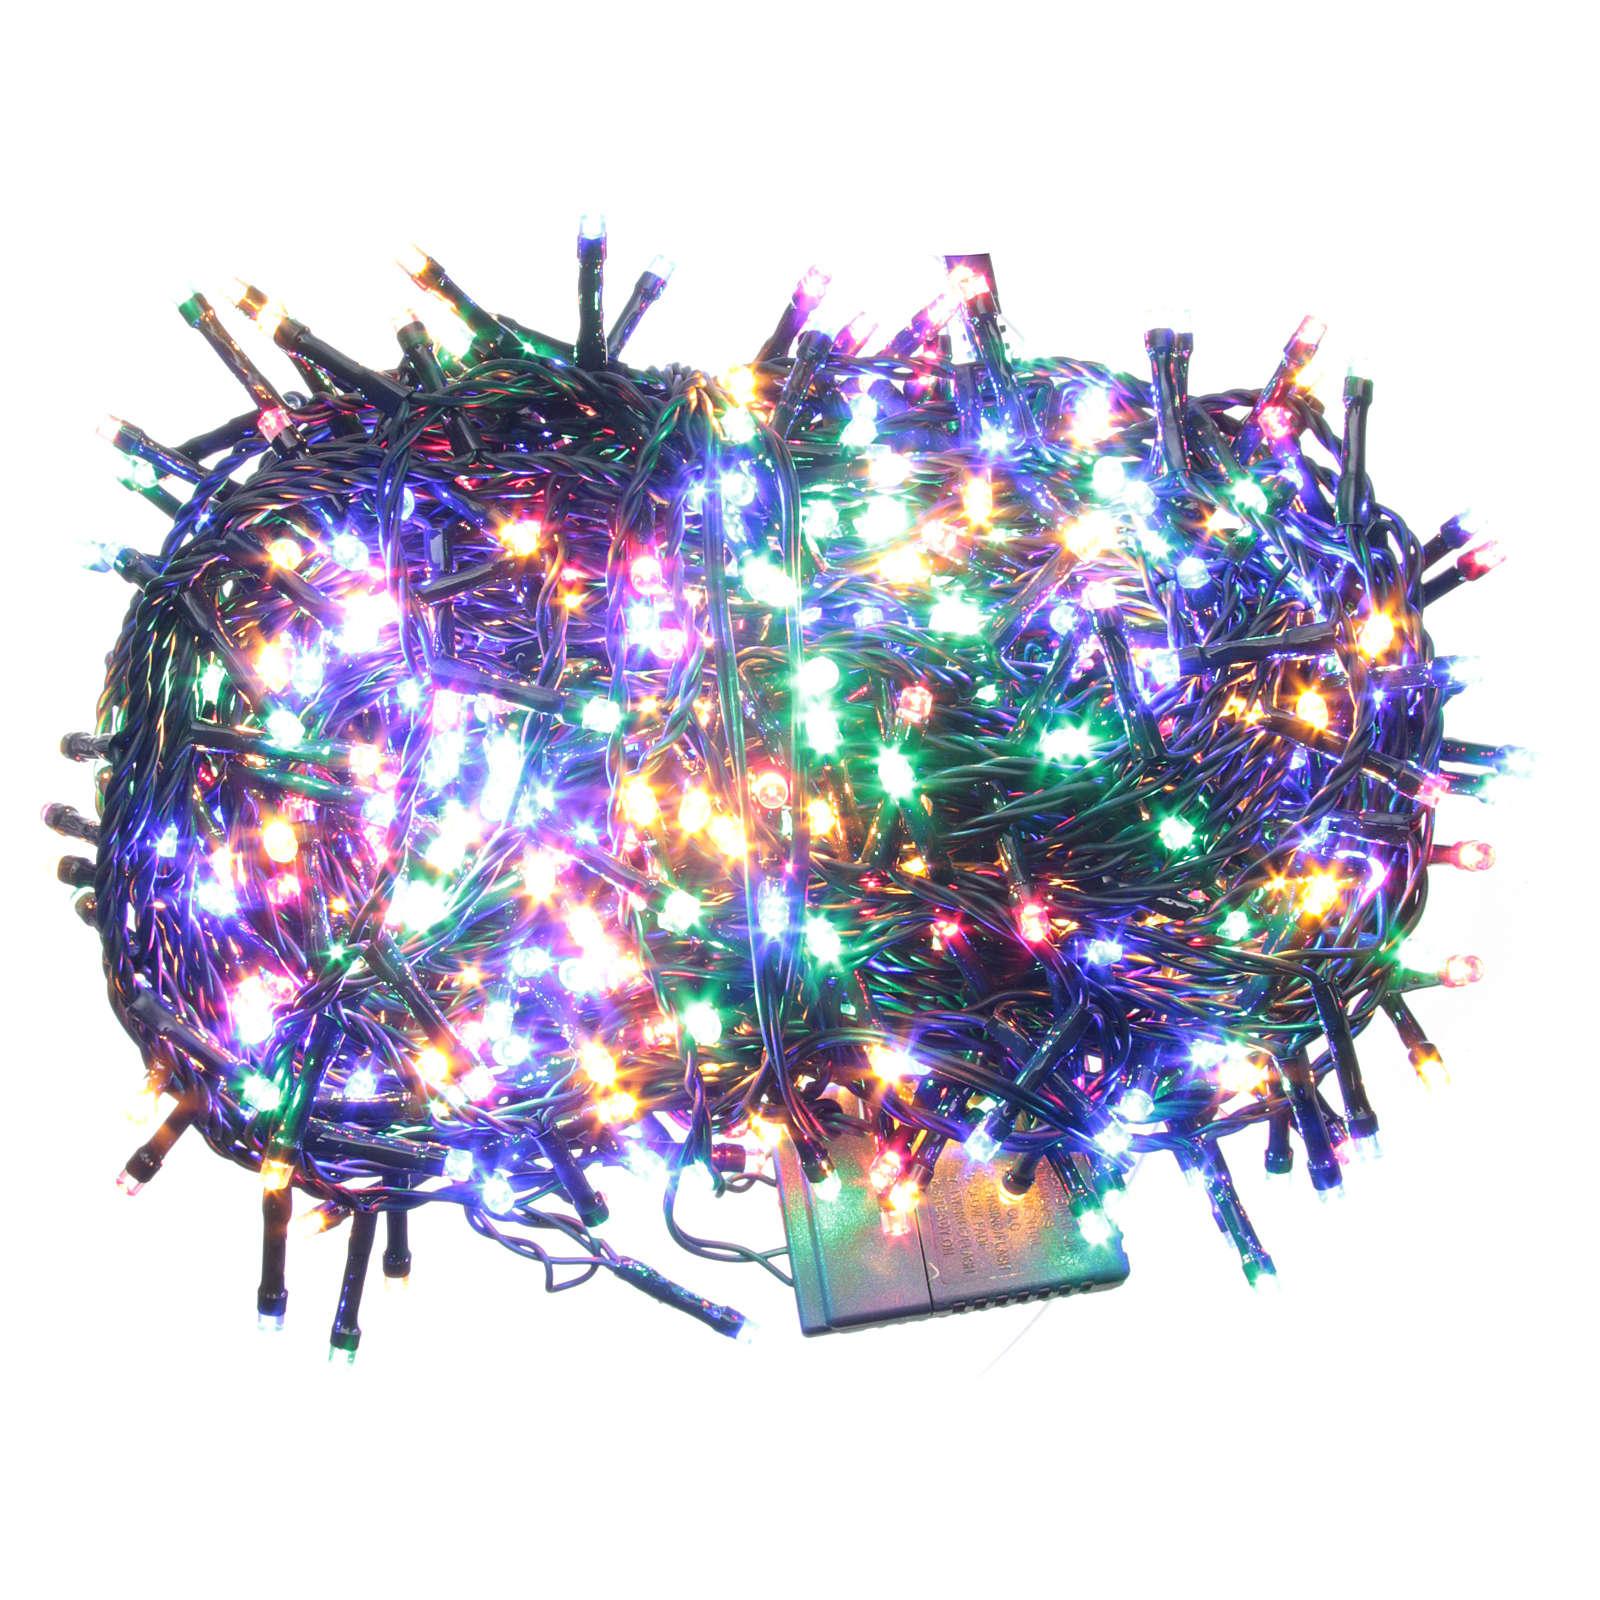 Luce Natale catena 600 LED multicolore ESTERNO programmabili 3